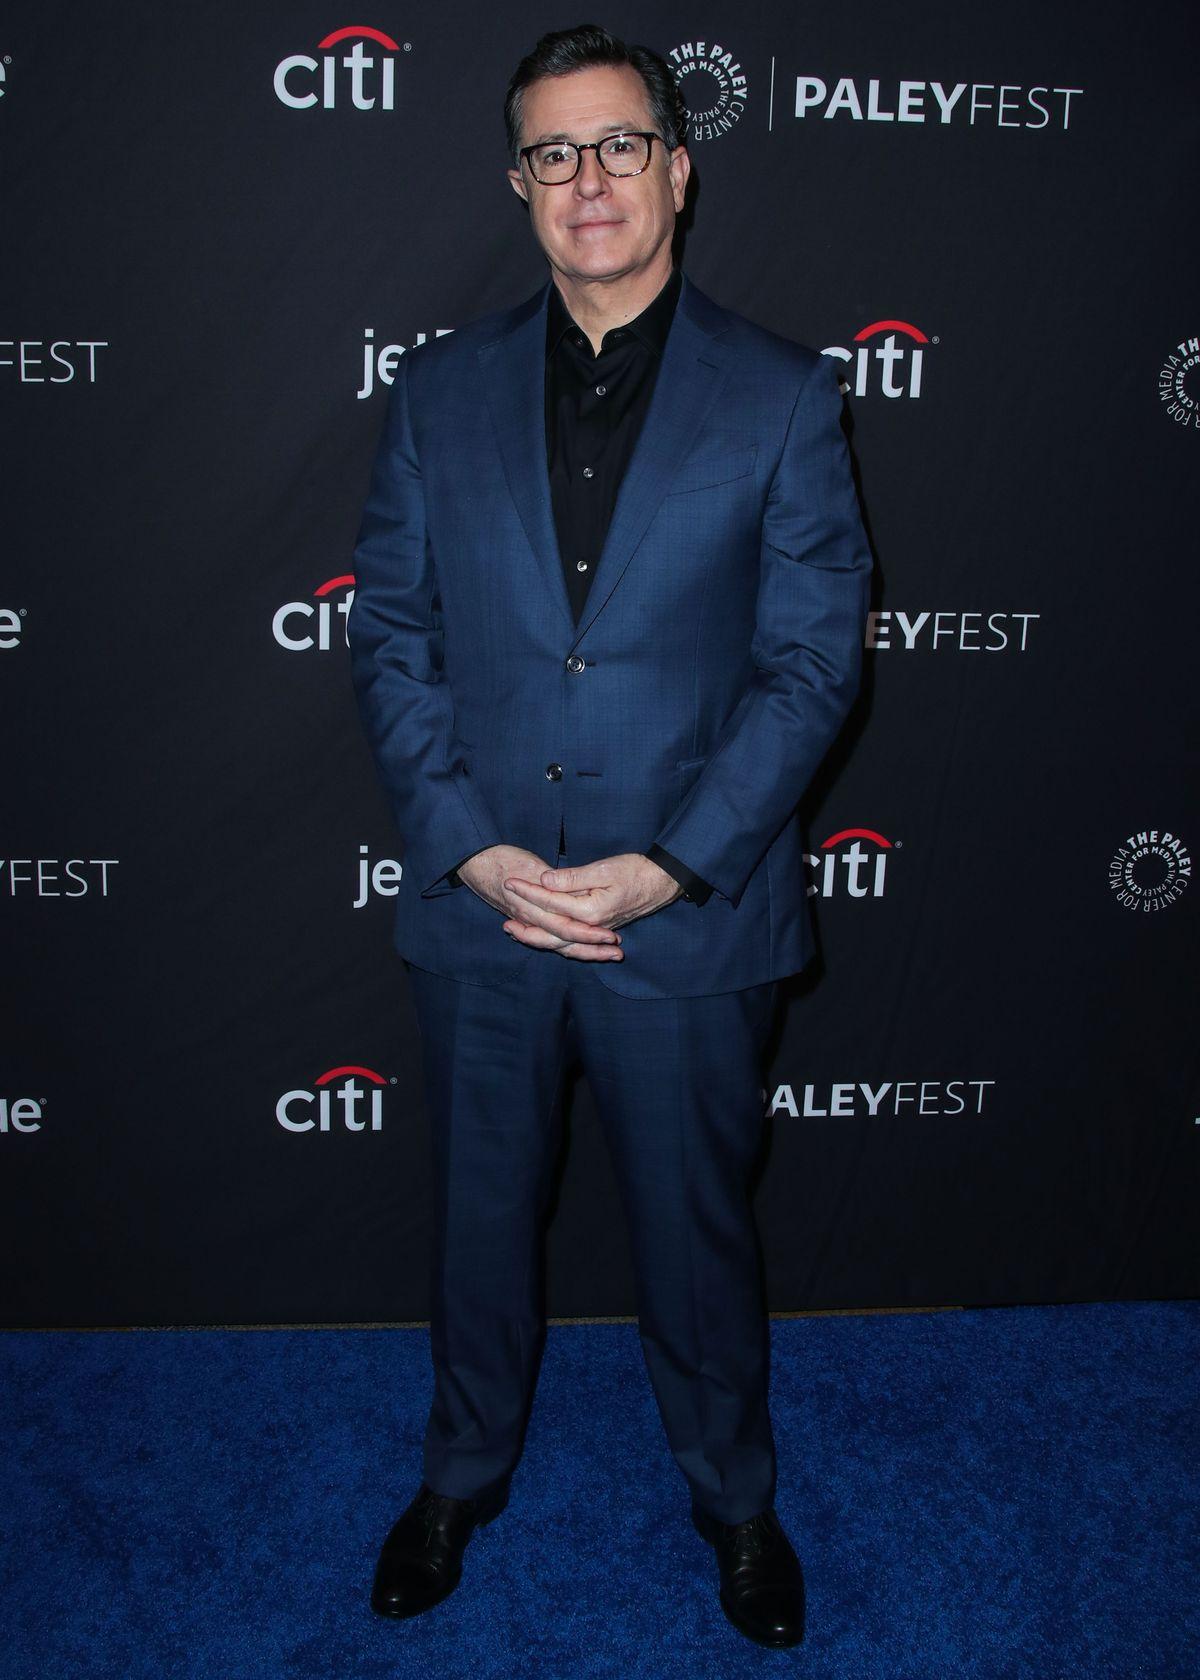 Comedia Stephen Colbert wählt den seriösen Brillen-Look (ddp images).